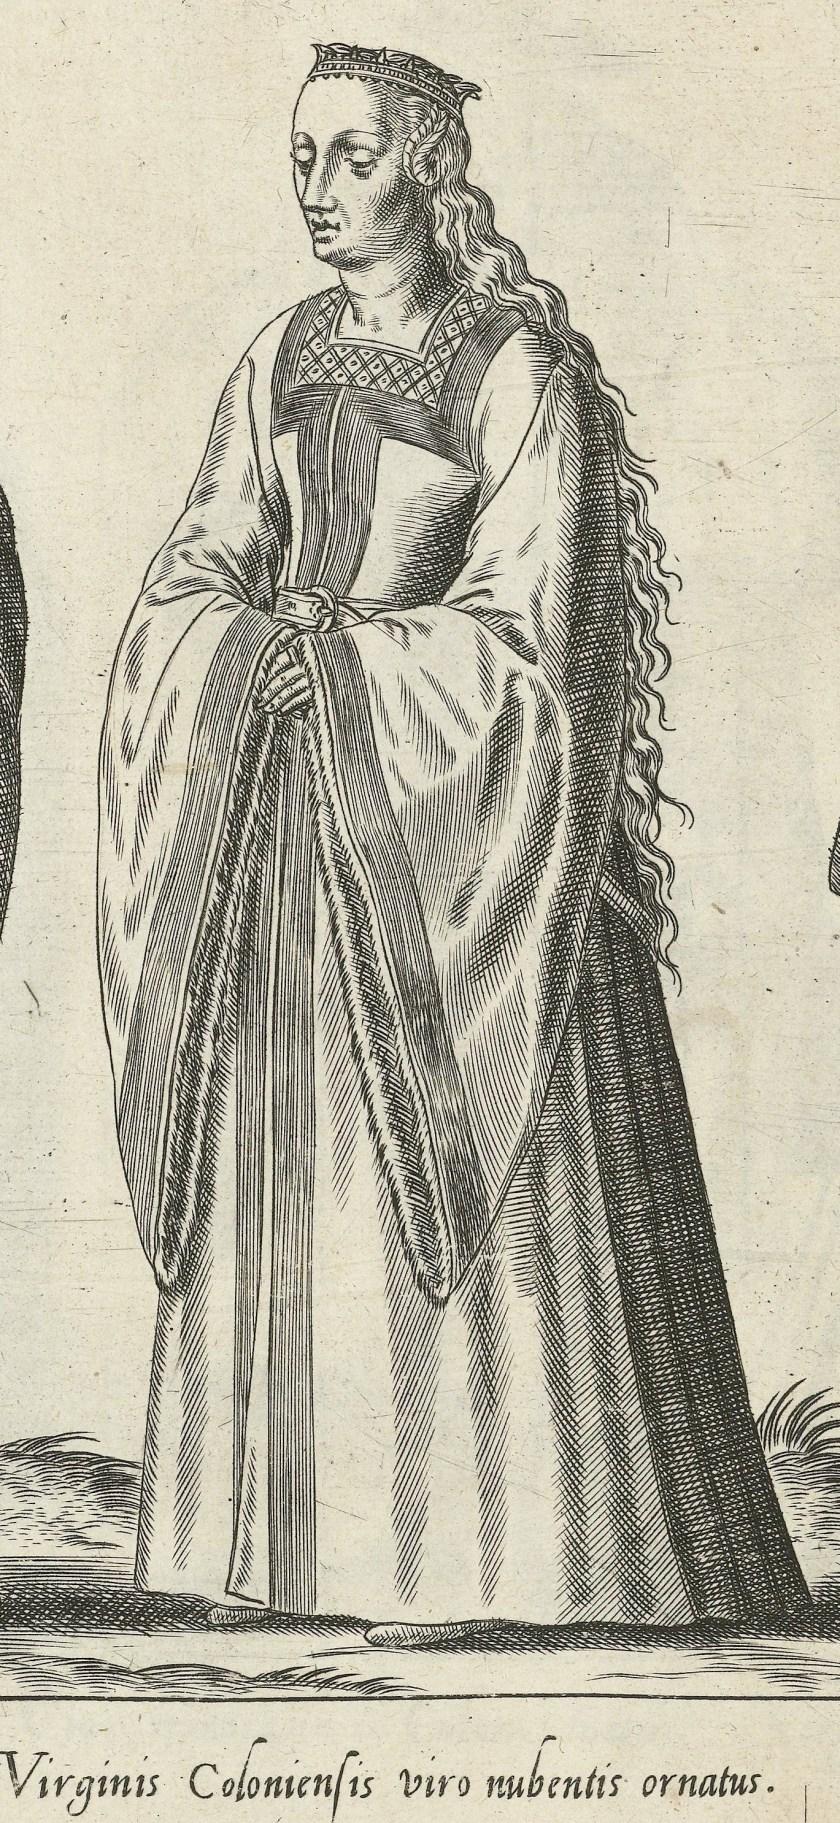 1581 Cologne, bride. Fig. 2, page 11, Omnium pene Europae, Asiae, Aphricae, Americae gentium habitus [...] de Bruyn. Rijsmuseum BI-1895-3811